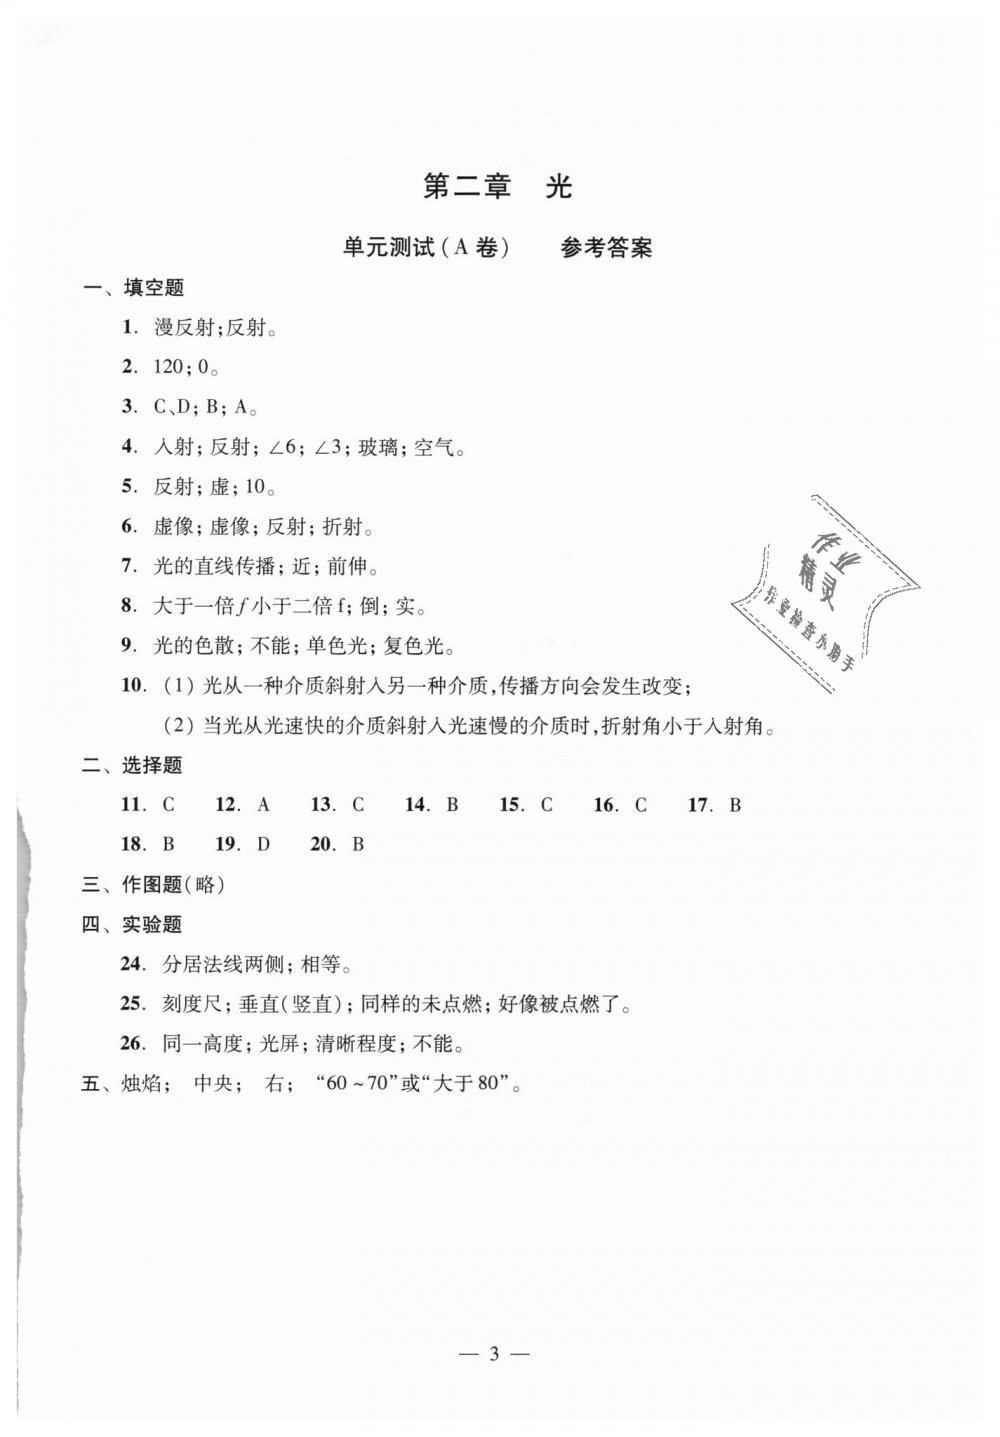 2018年初中物理双基过关堂堂练八年级全一册沪教版第47页